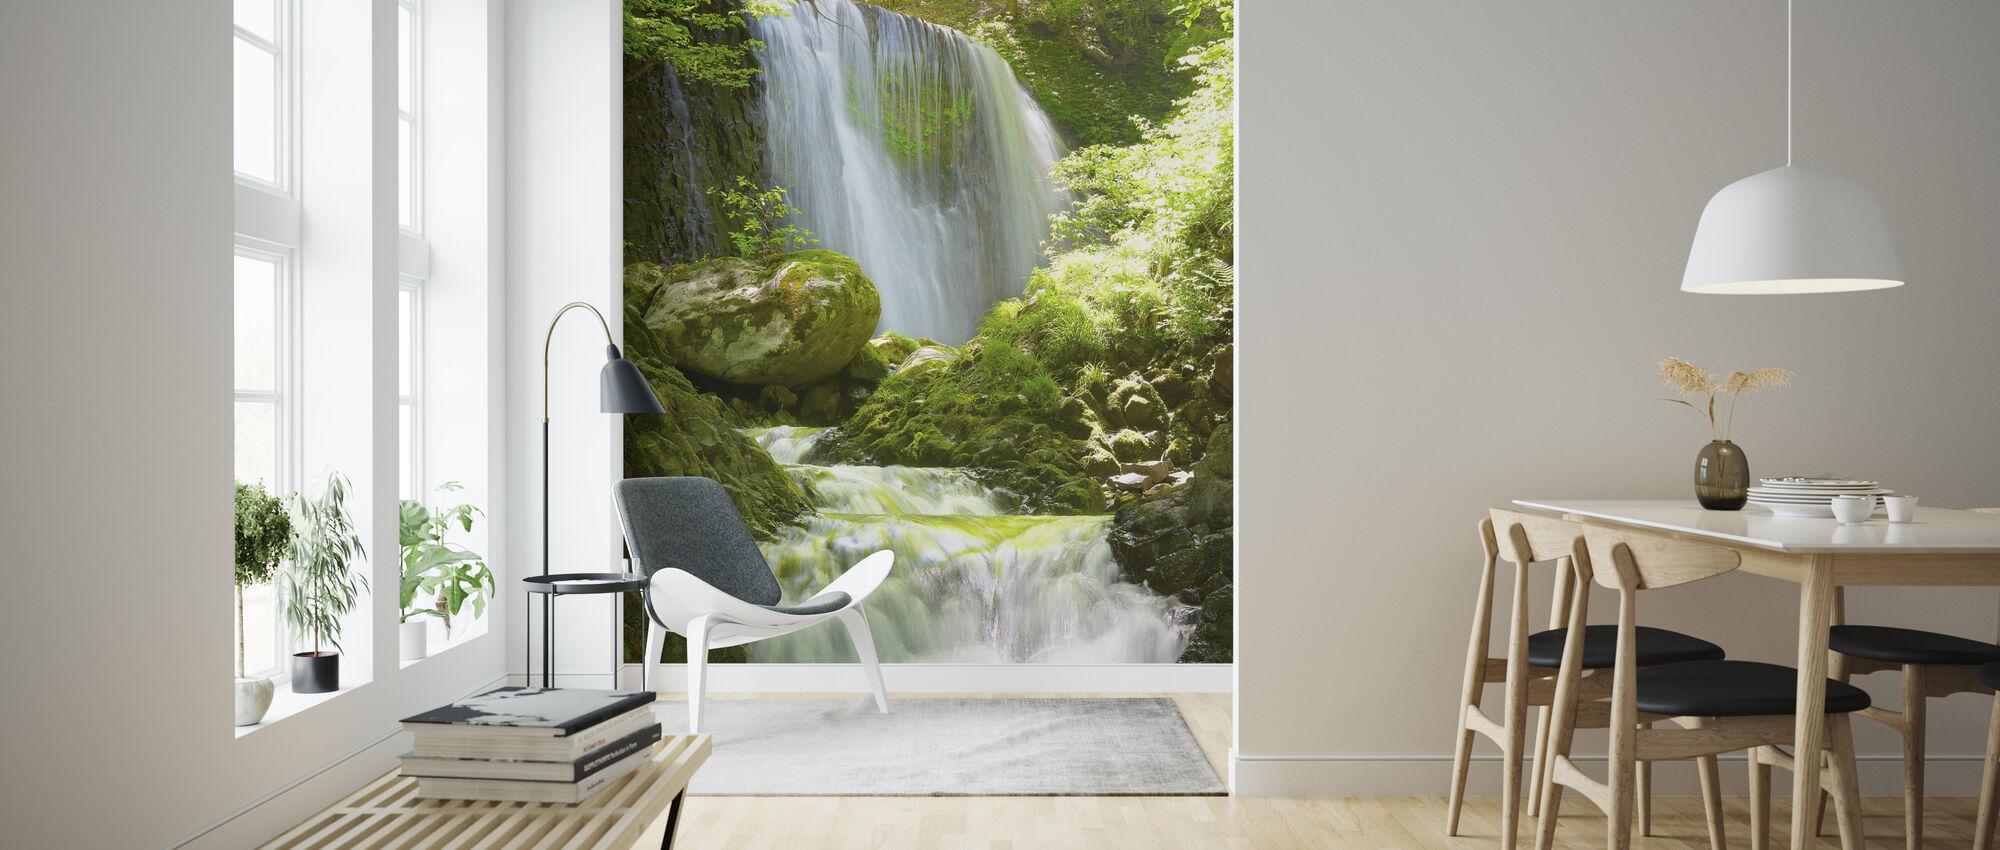 Koromonotaki-watervallen - Behang - Woonkamer